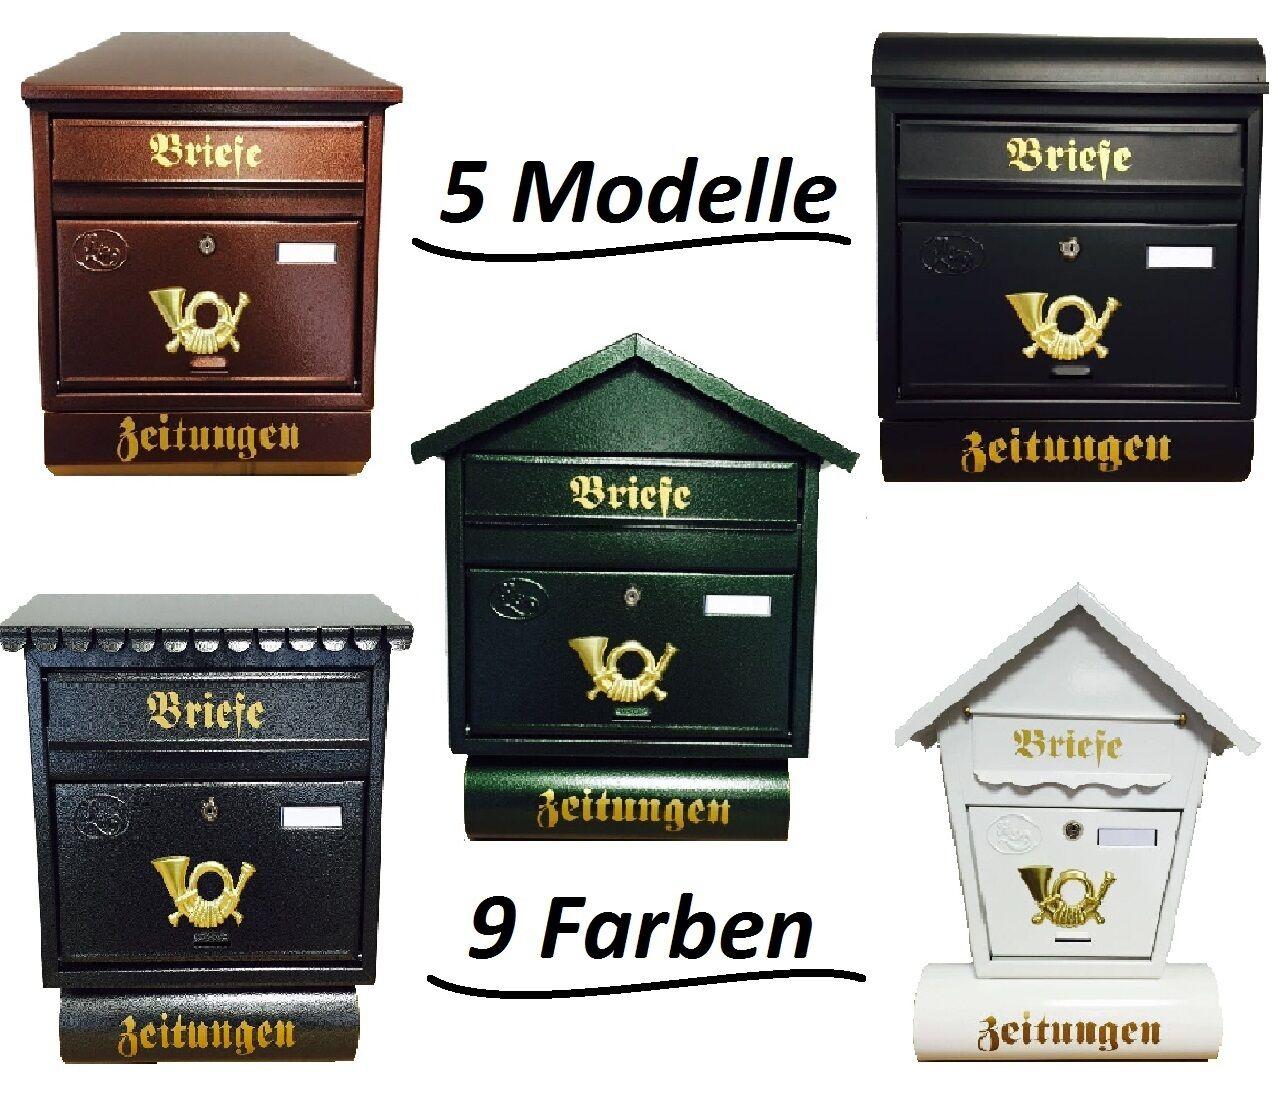 Schild Post Metall Briefkasten kleines schwedenhaus Türschild schwarz